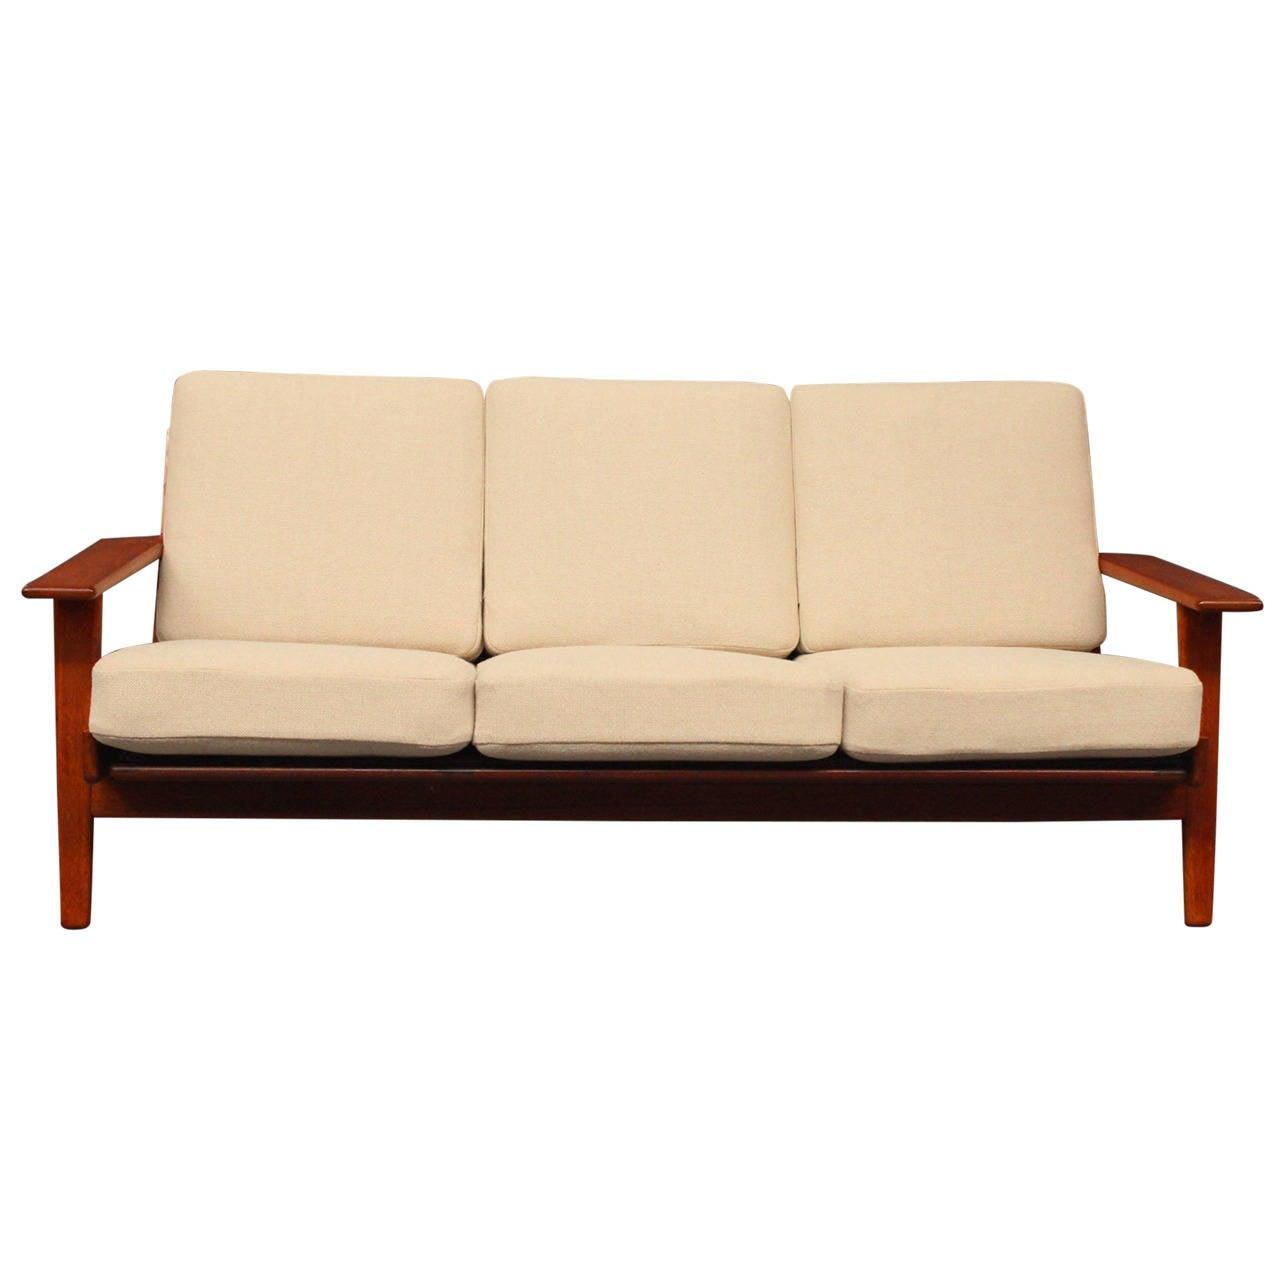 hans j wegner ge290 sofa in teak from 1960 at 1stdibs. Black Bedroom Furniture Sets. Home Design Ideas